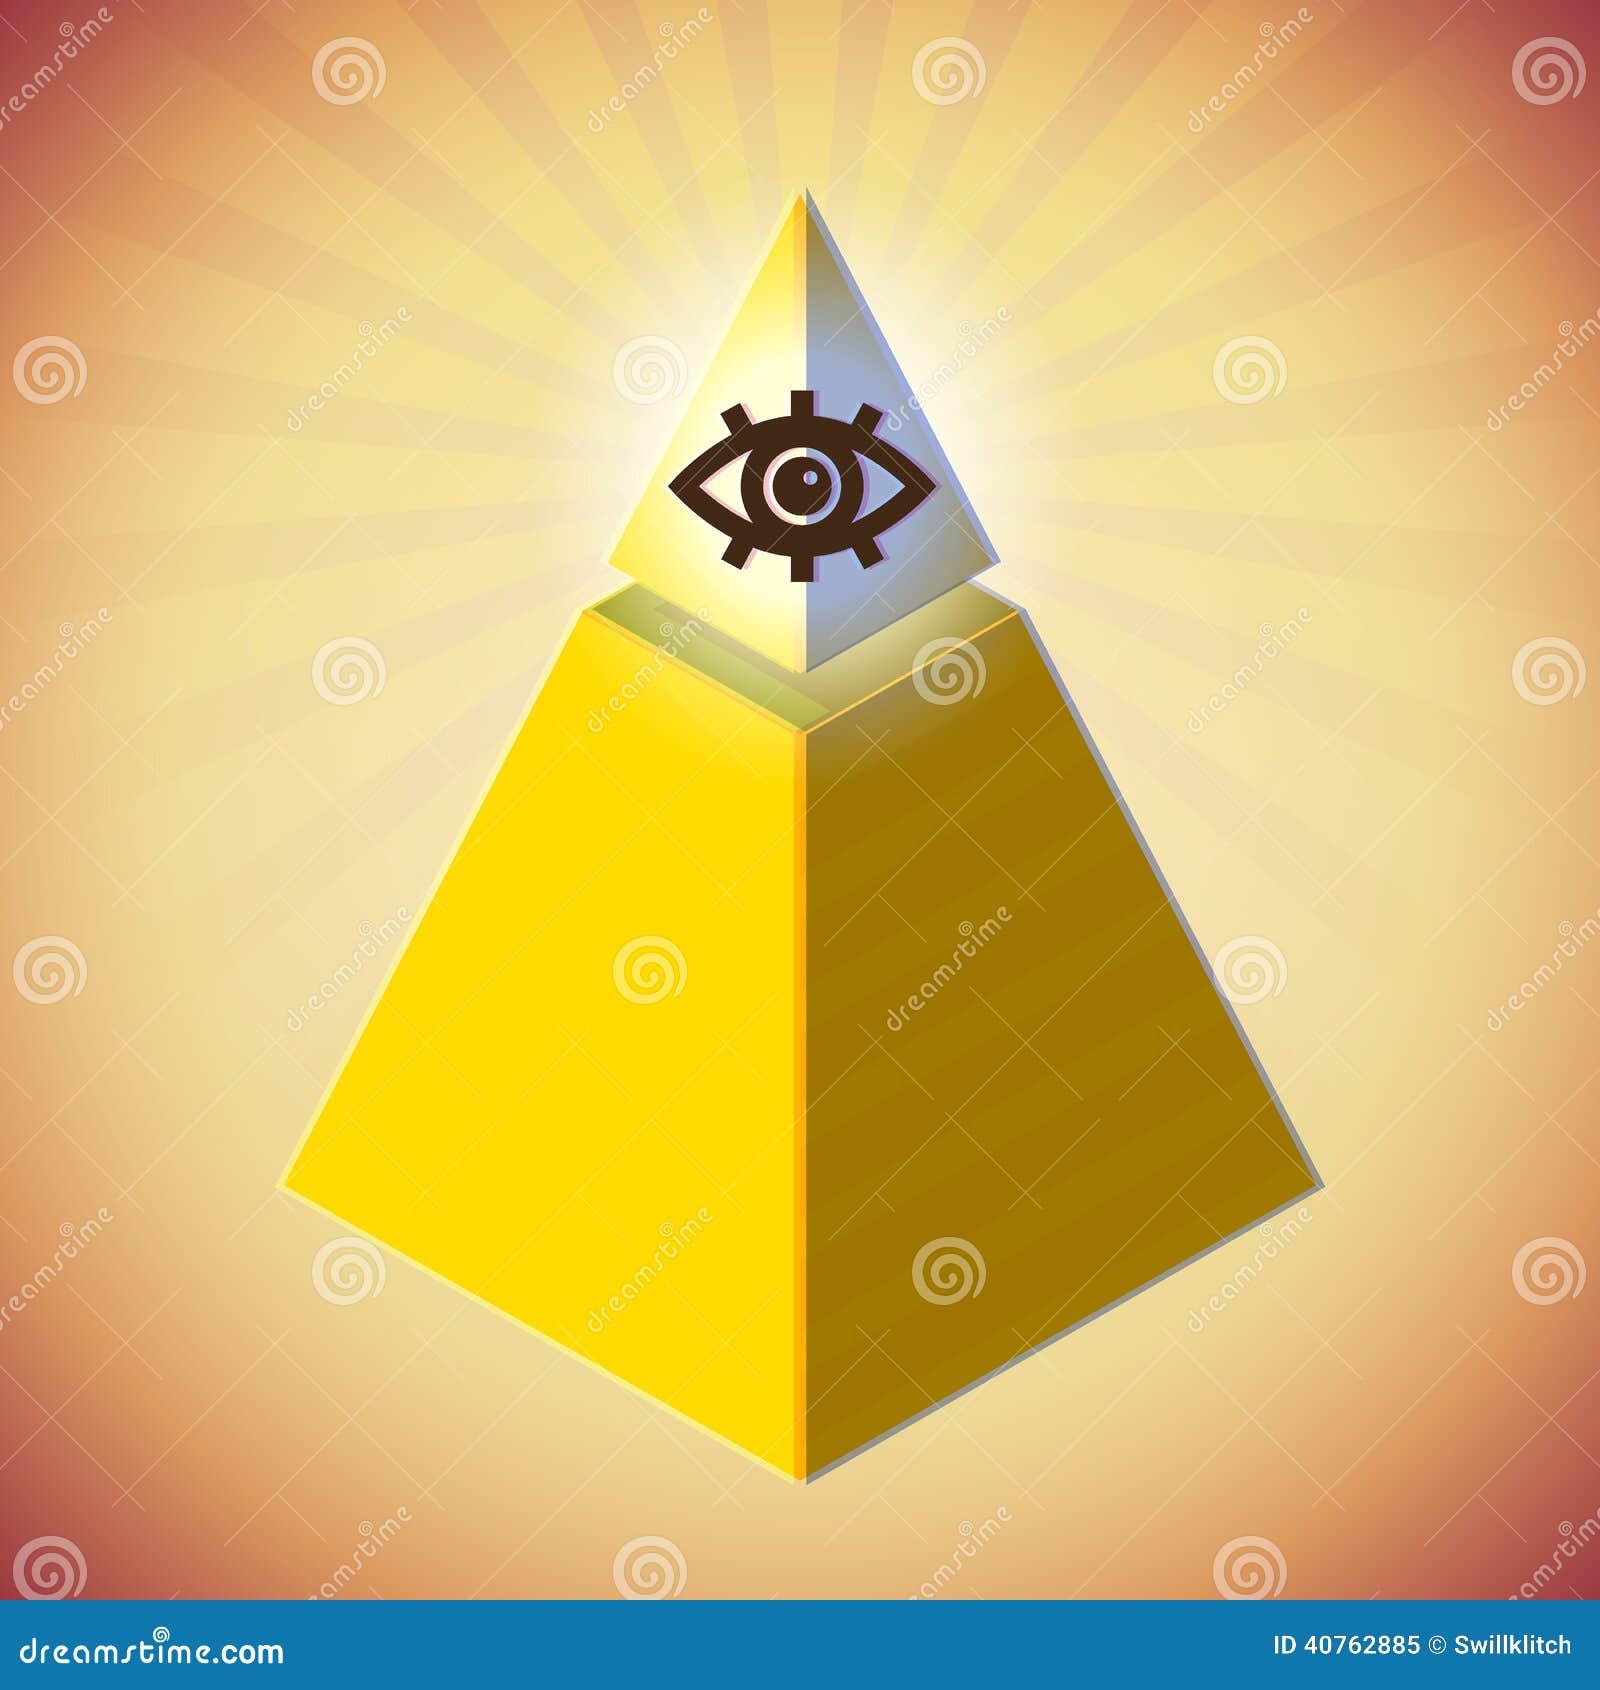 Cartel retro con todo el ojo y pirámide que ven